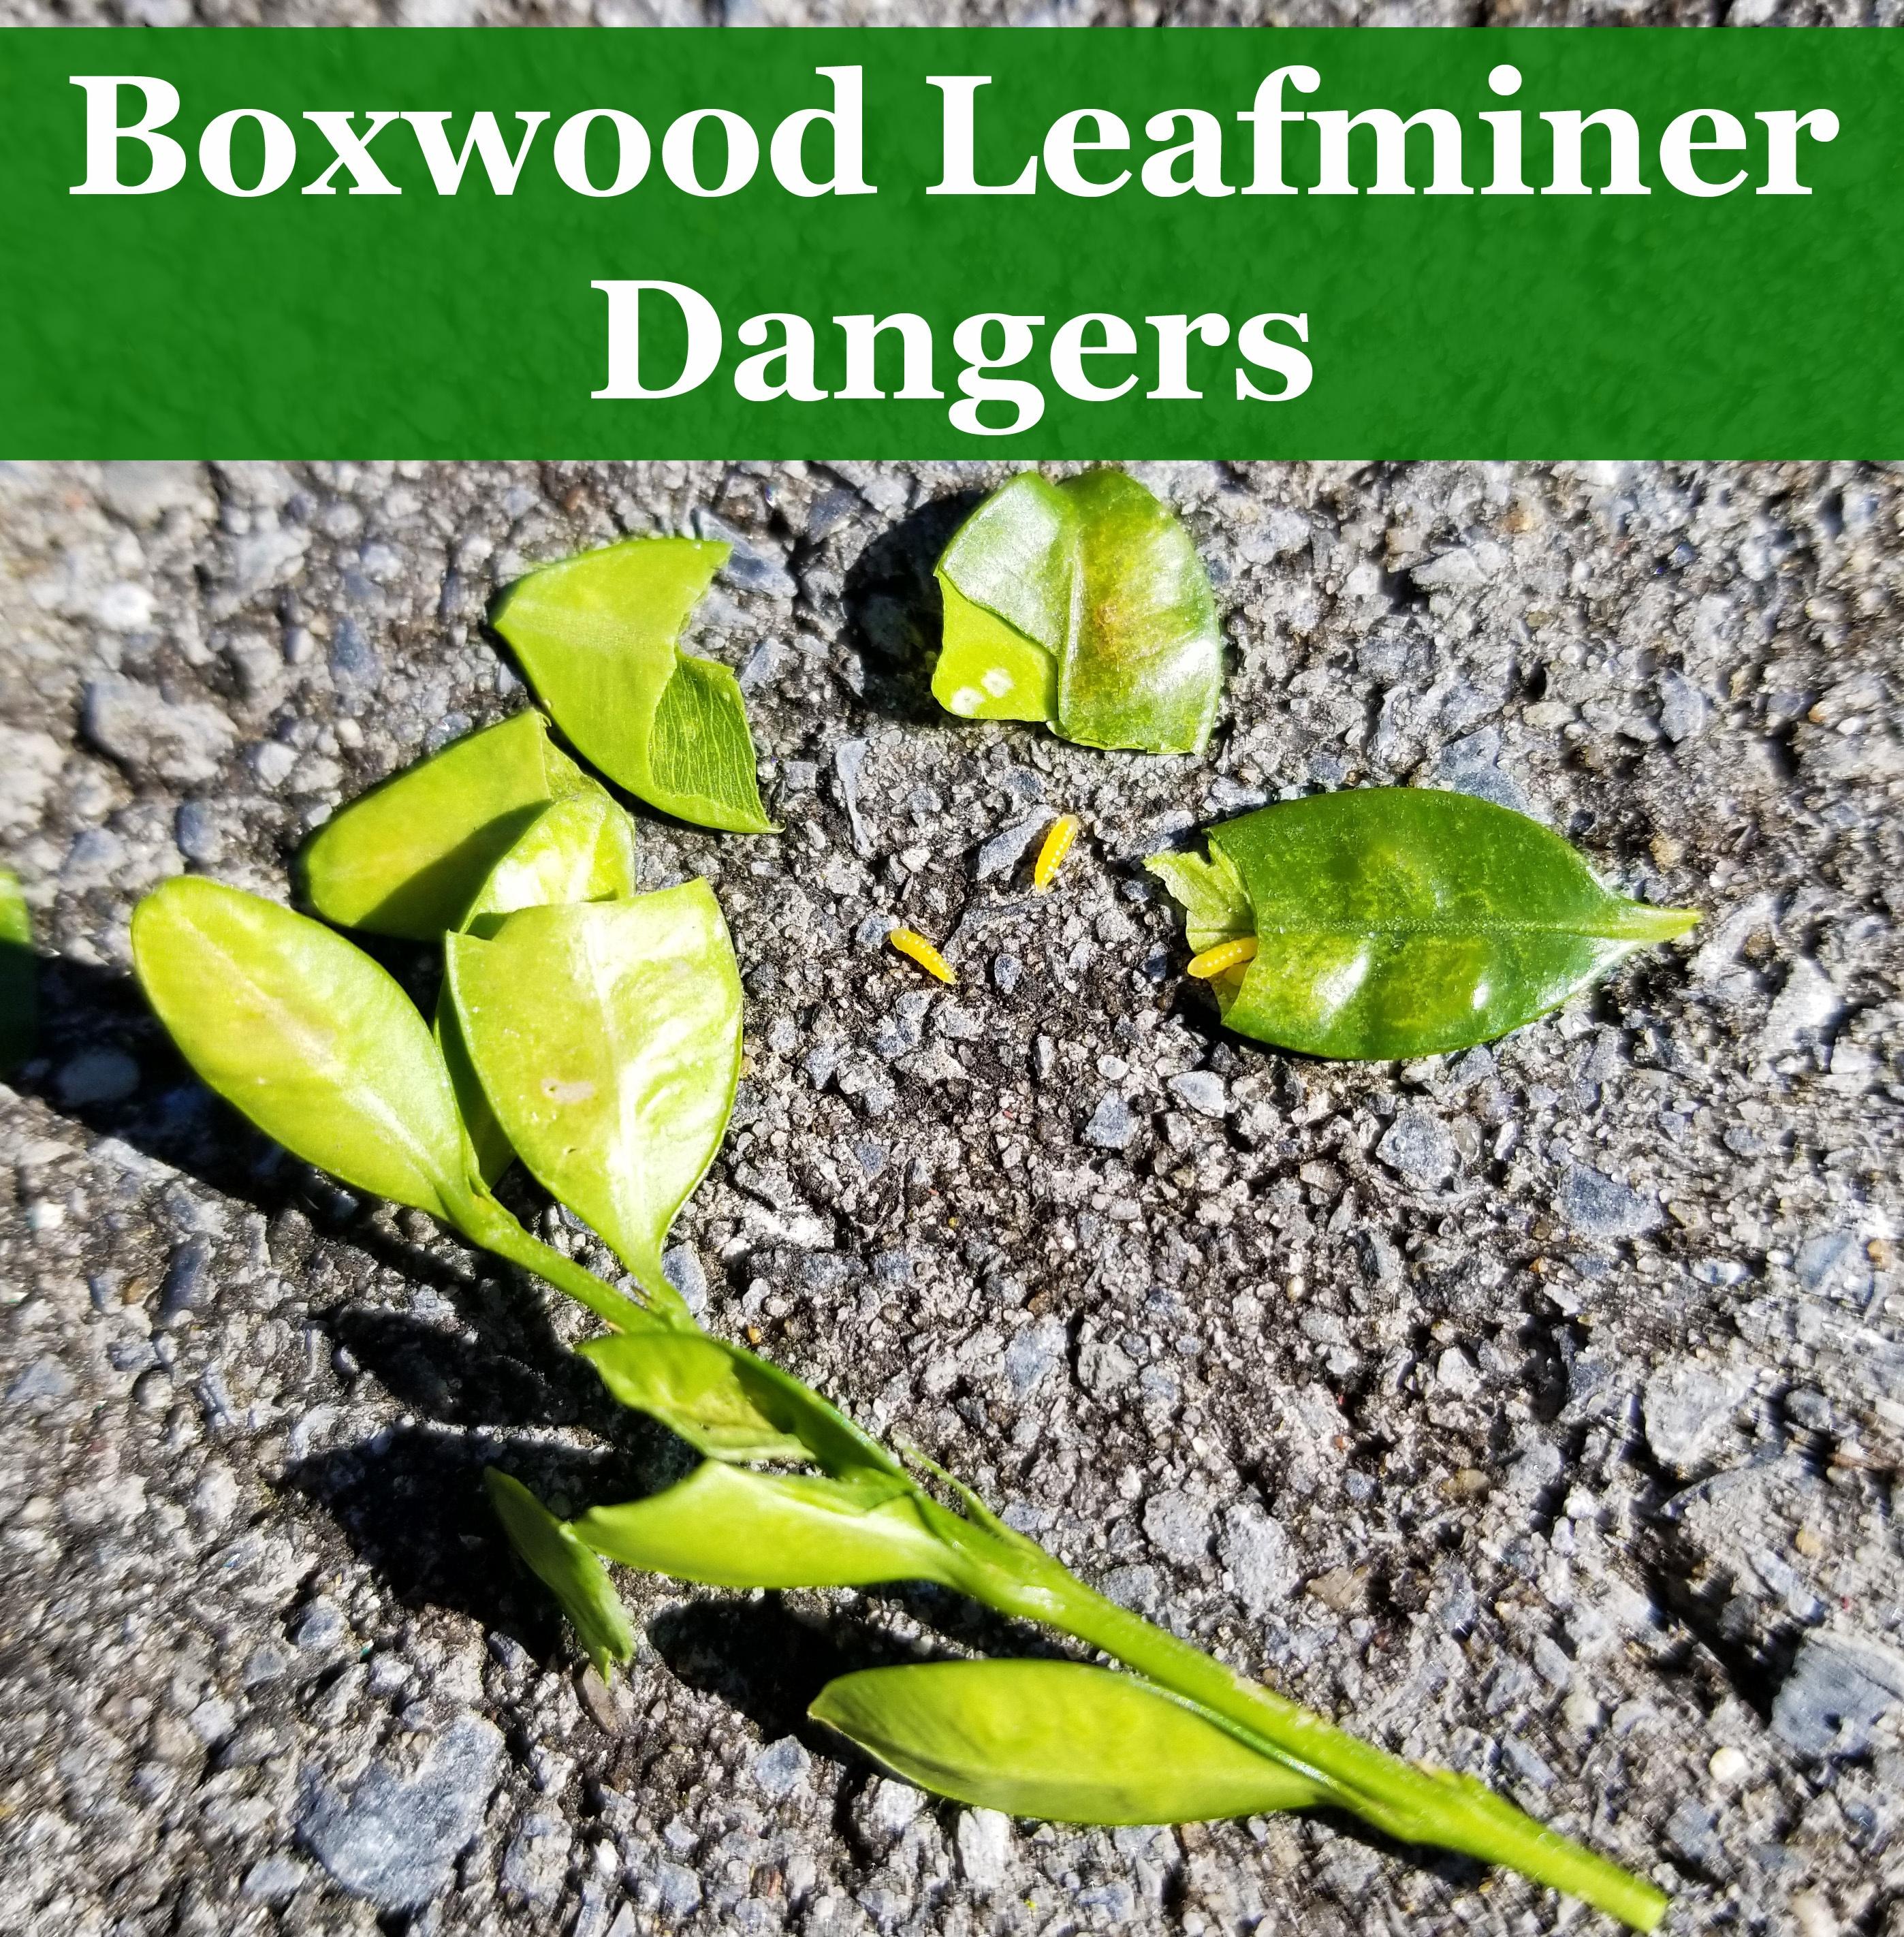 2018-Boxwood-Leaf-Miner-Damage-Header